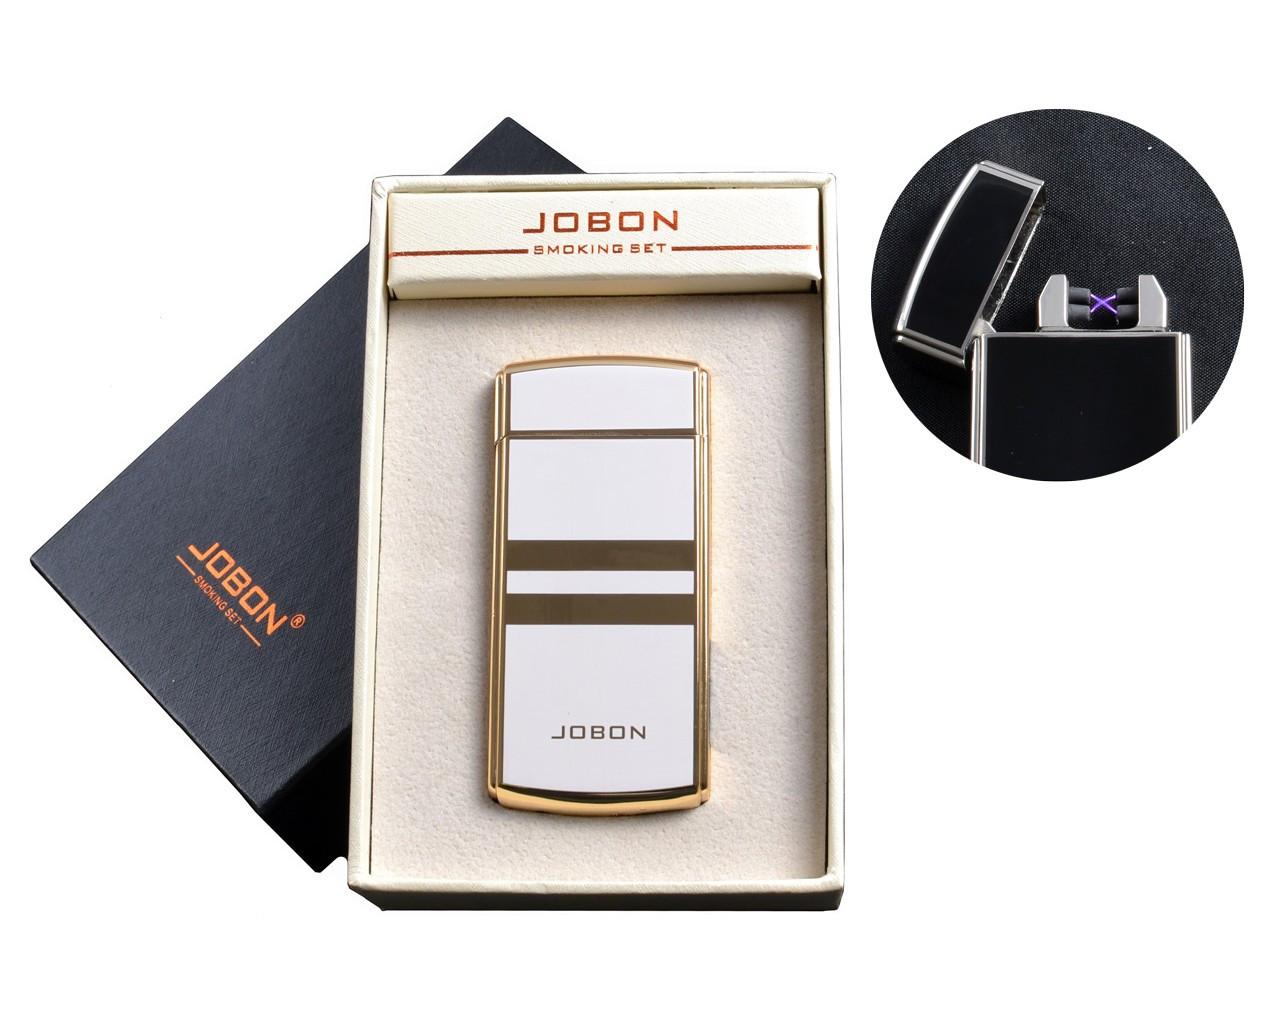 """Электроимпульсная USB зажигалка """"Jobon"""" №4780-3, встряхваем и прикуриваем, две молнии, счетчик использования"""